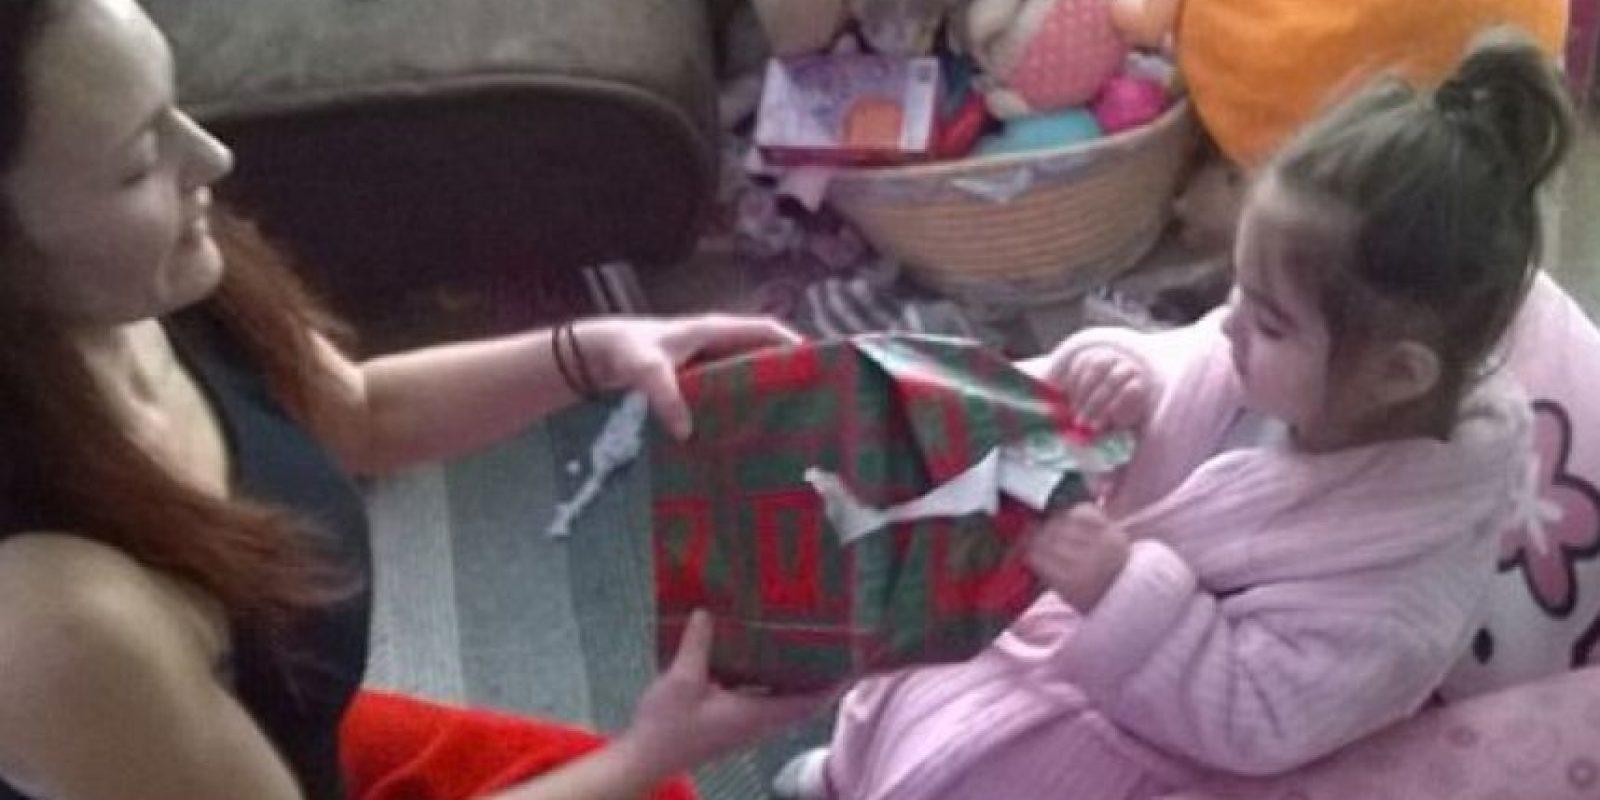 Cuando McCarthy golpeó a la niña, esta no pudo respirar más. Foto:vía Facebook